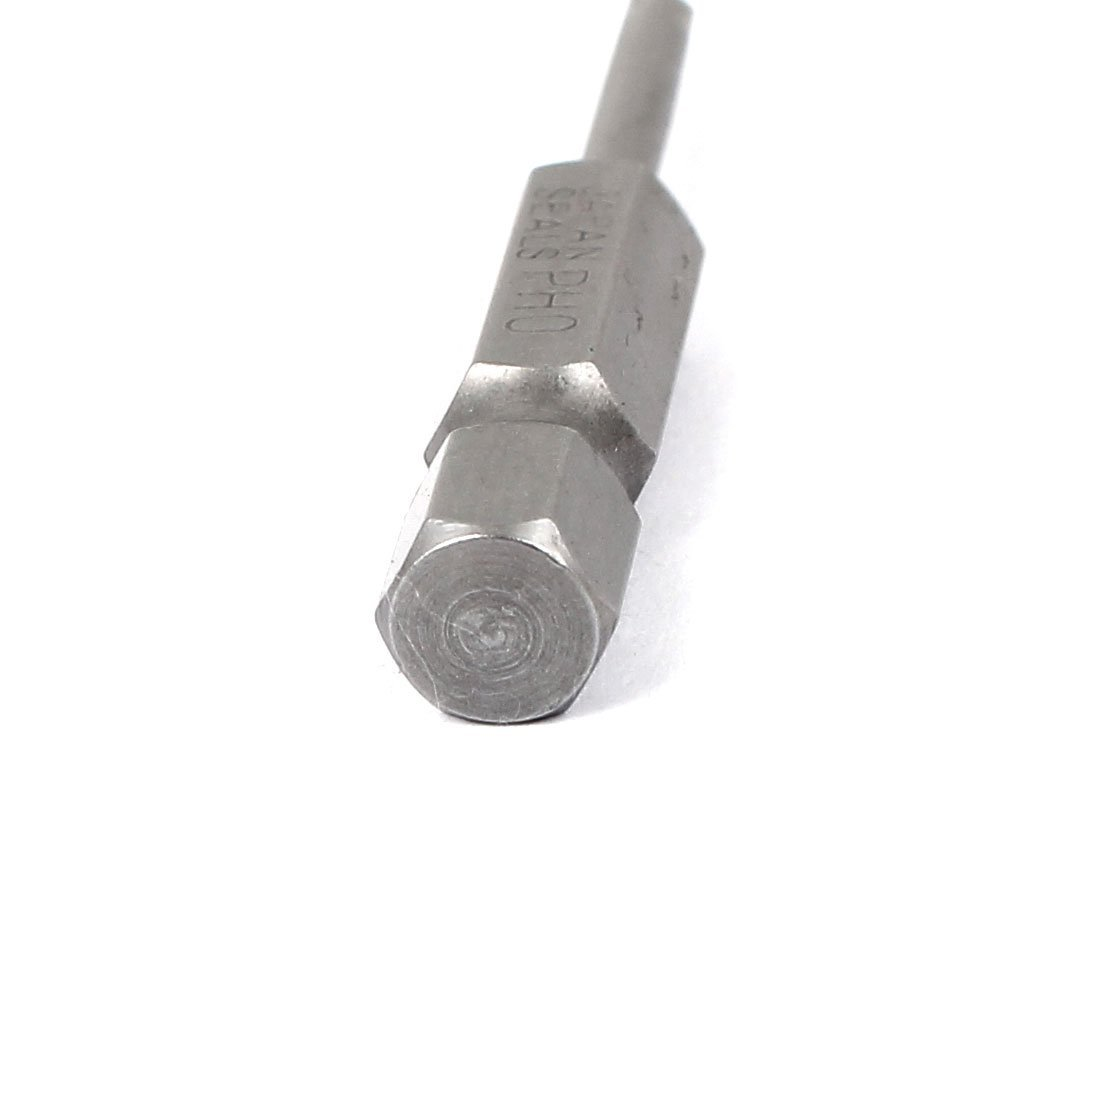 DealMux 2x1//4 2.5mm PH0 S2 Crosshead Phillips Screwdriver Bits 10pcs